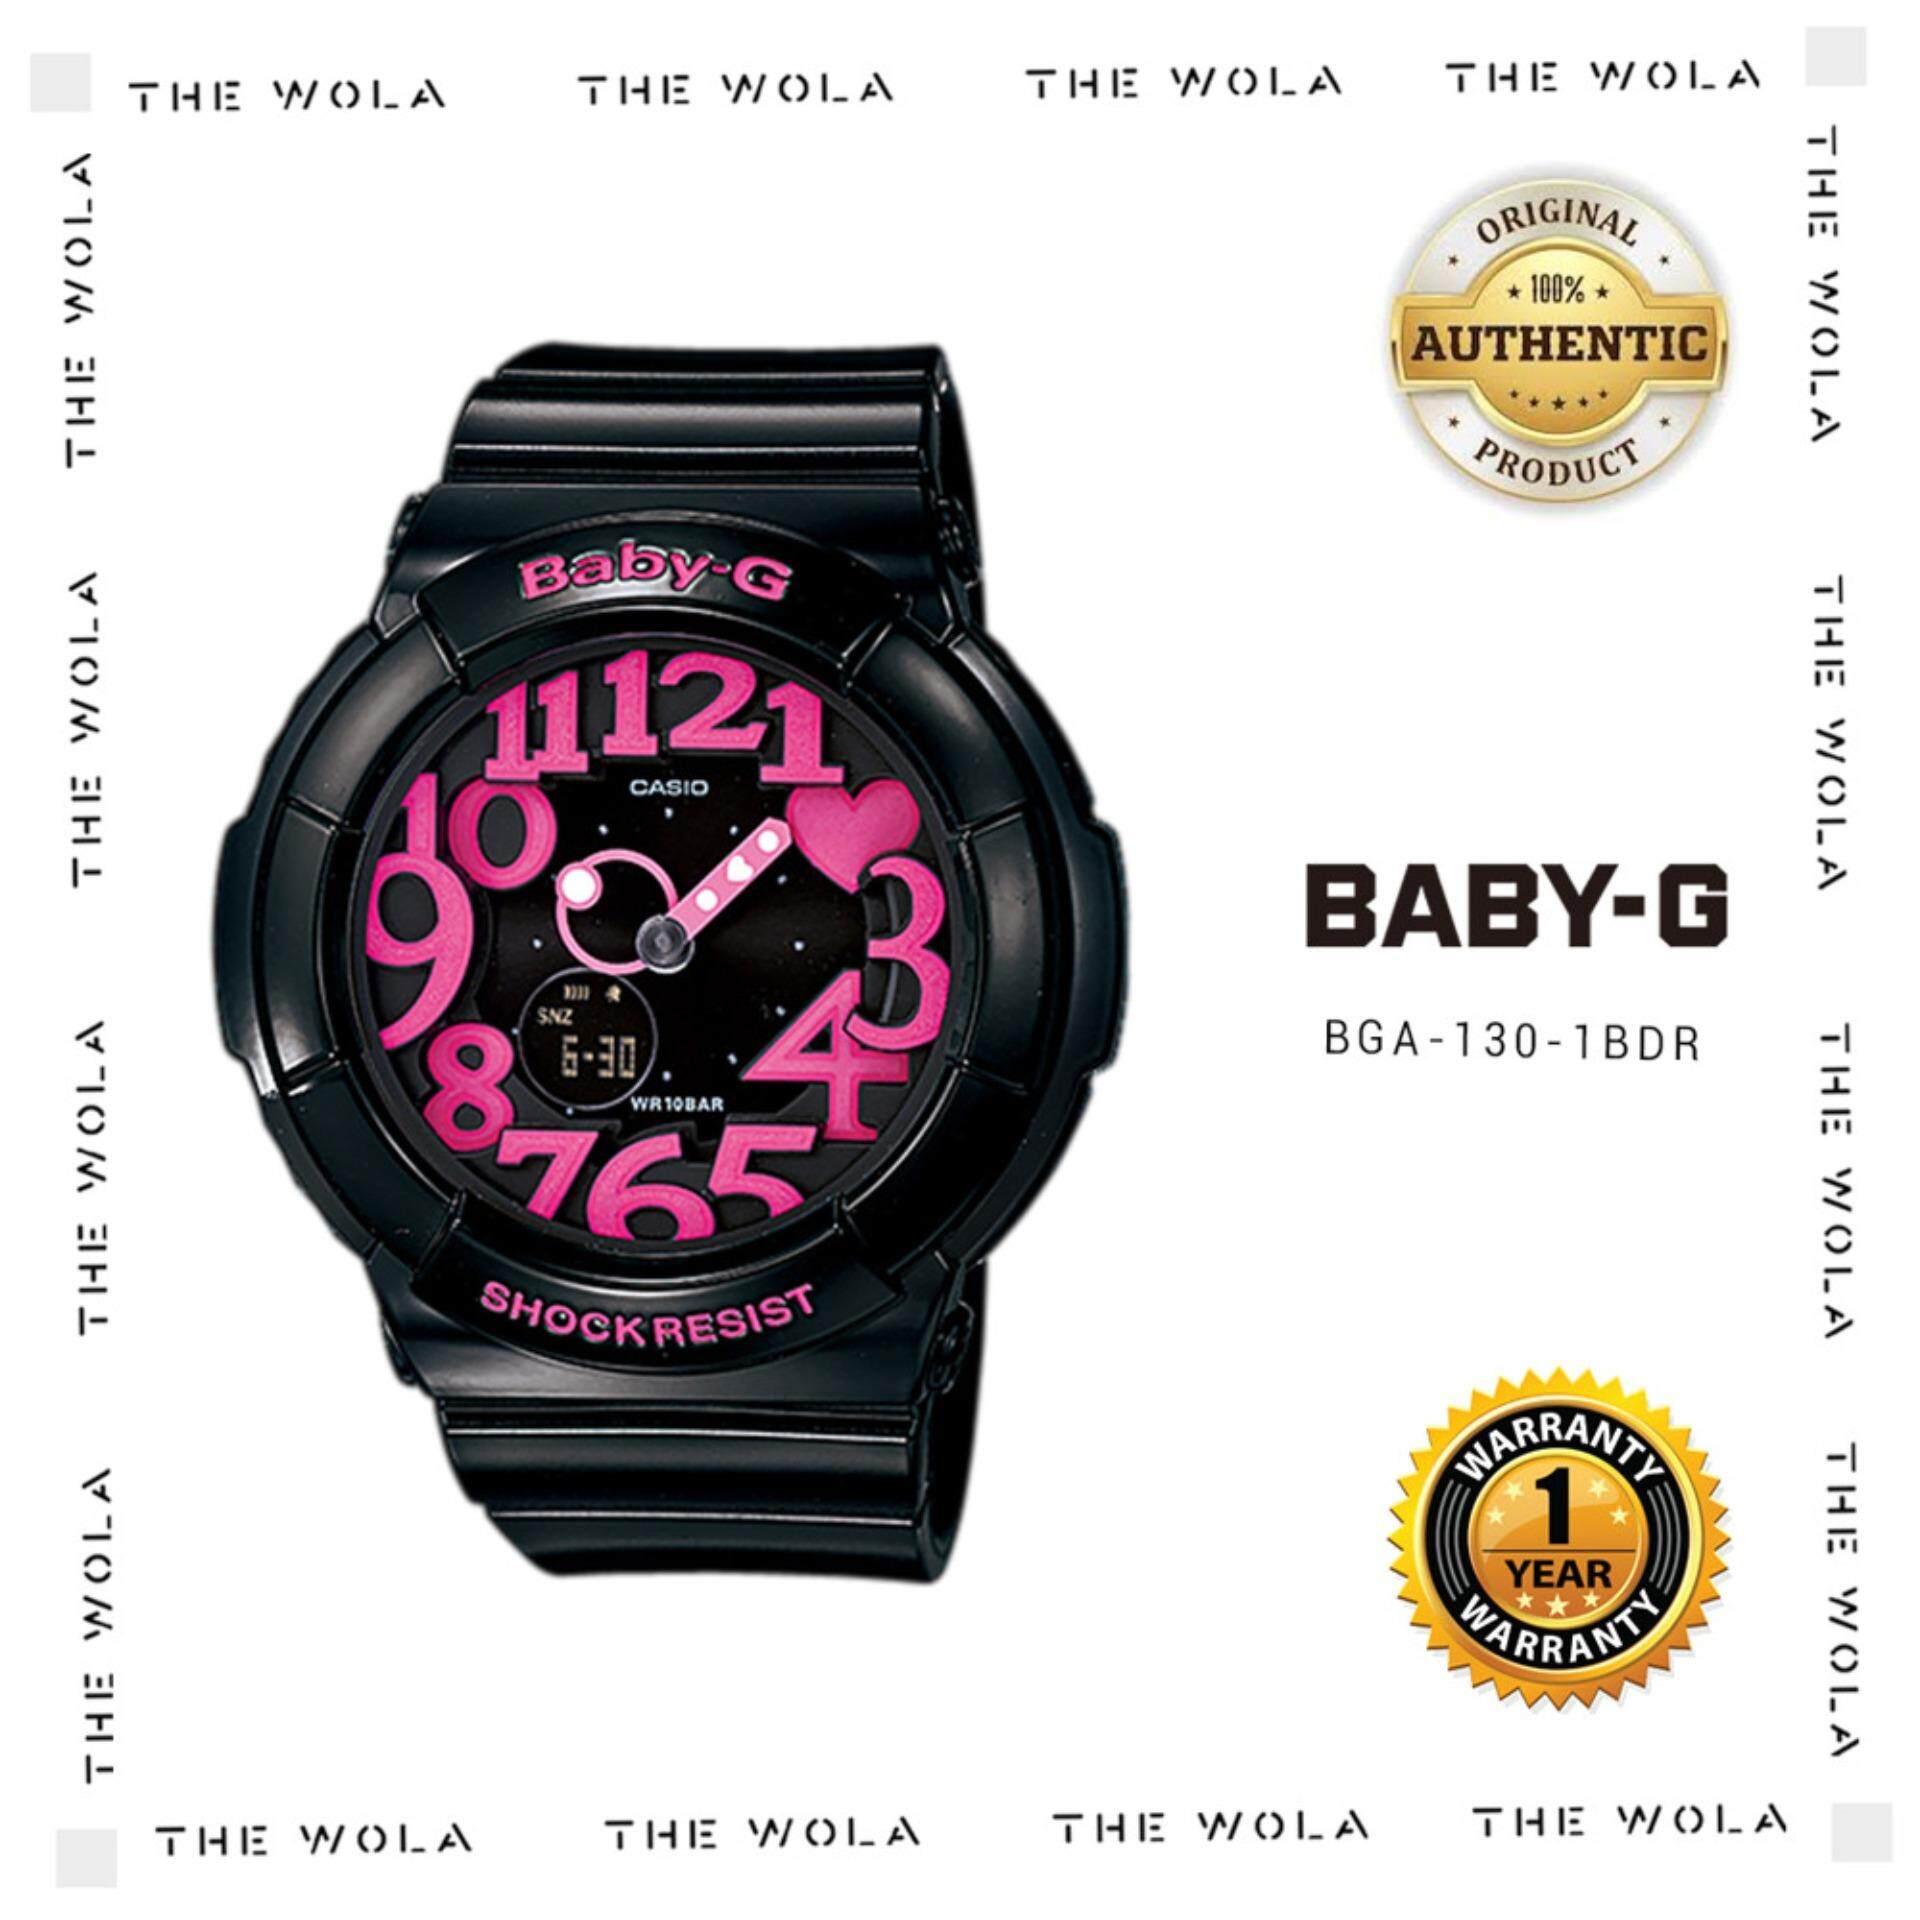 CASIO BABY-G SPORT WOMEN WATCH BGA-130-1BDR Original & Genuine (